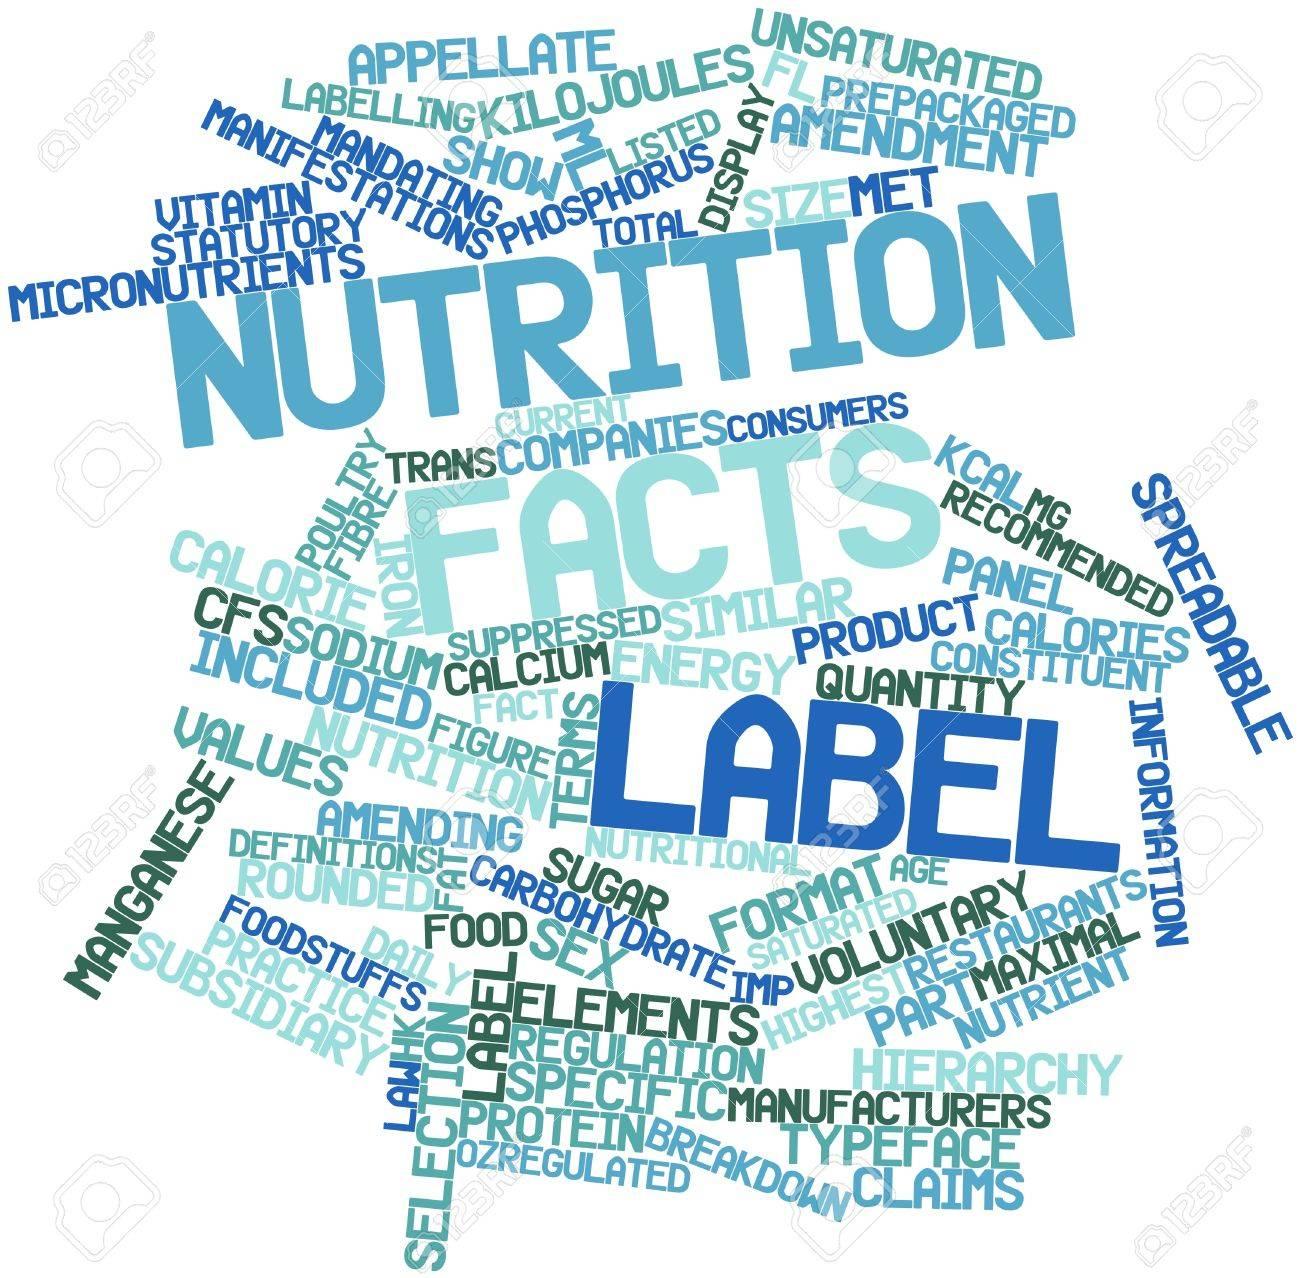 que quiere decir nutrition facts en español